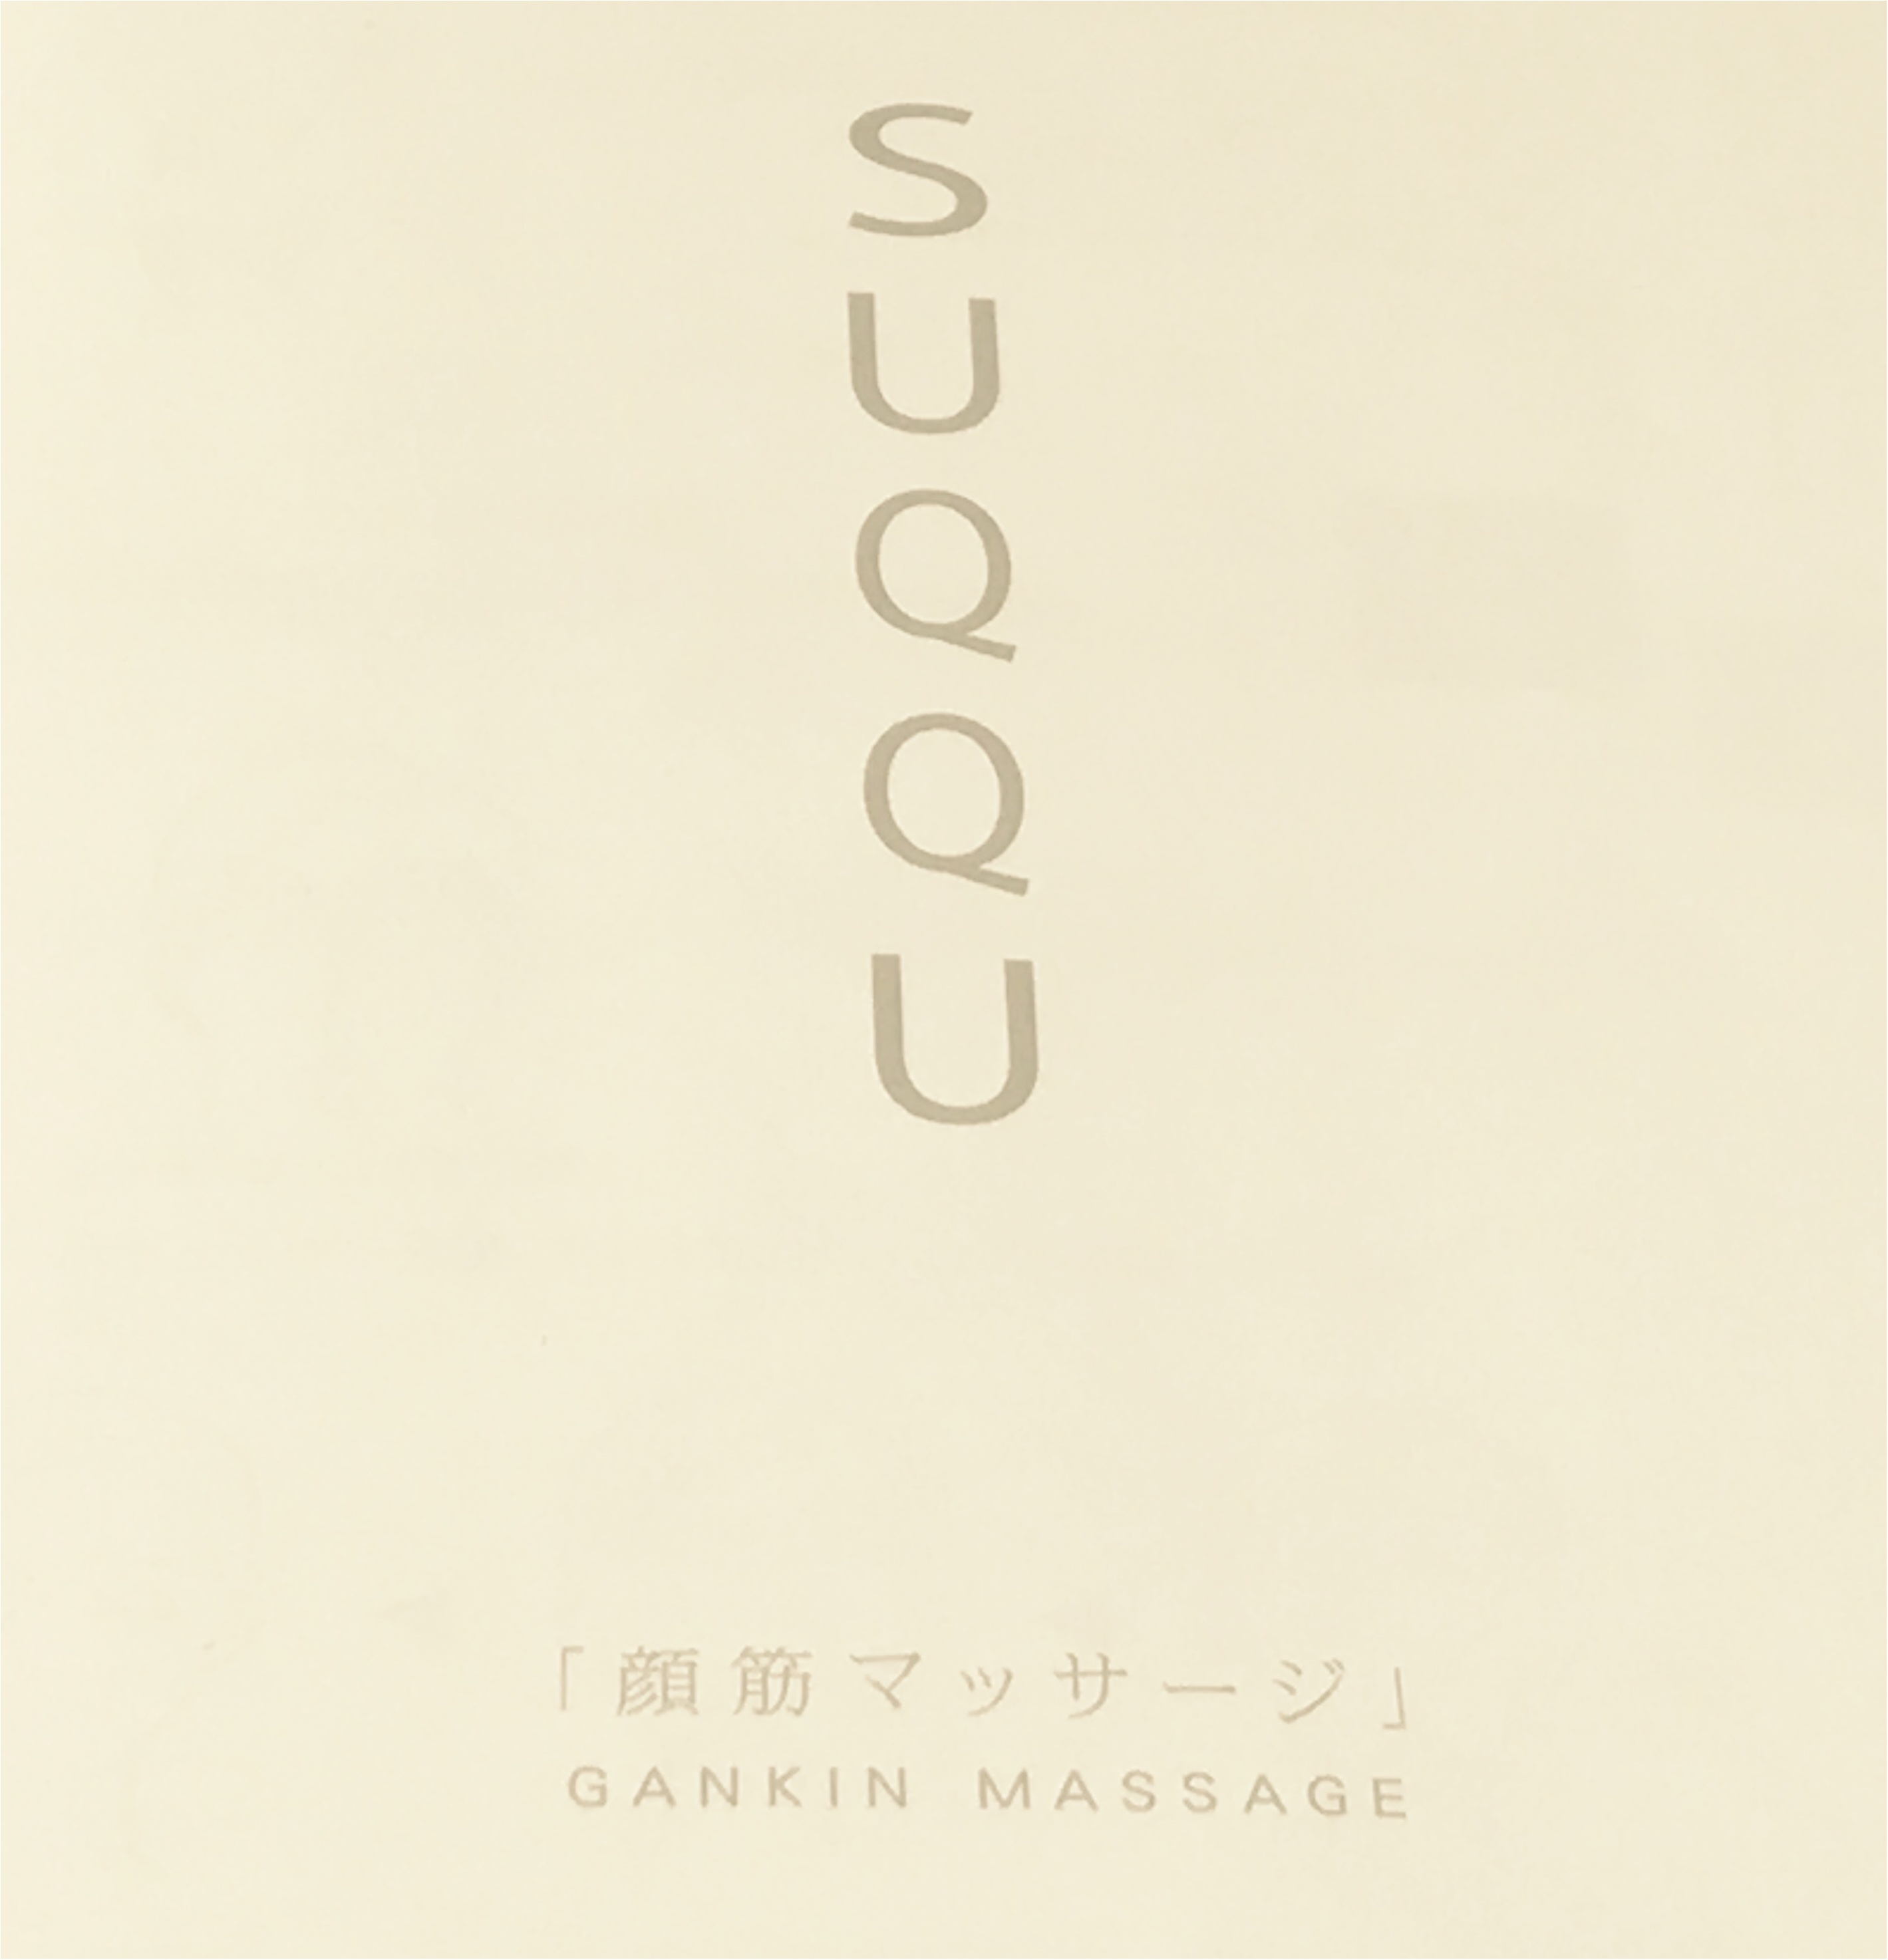 《3分間ですっきりフェイスラインに✨》【無料】マッサージ体験からメイクまで堪能できるSUQQUの『顔筋マッサージ体験』に行ってみた♡_2